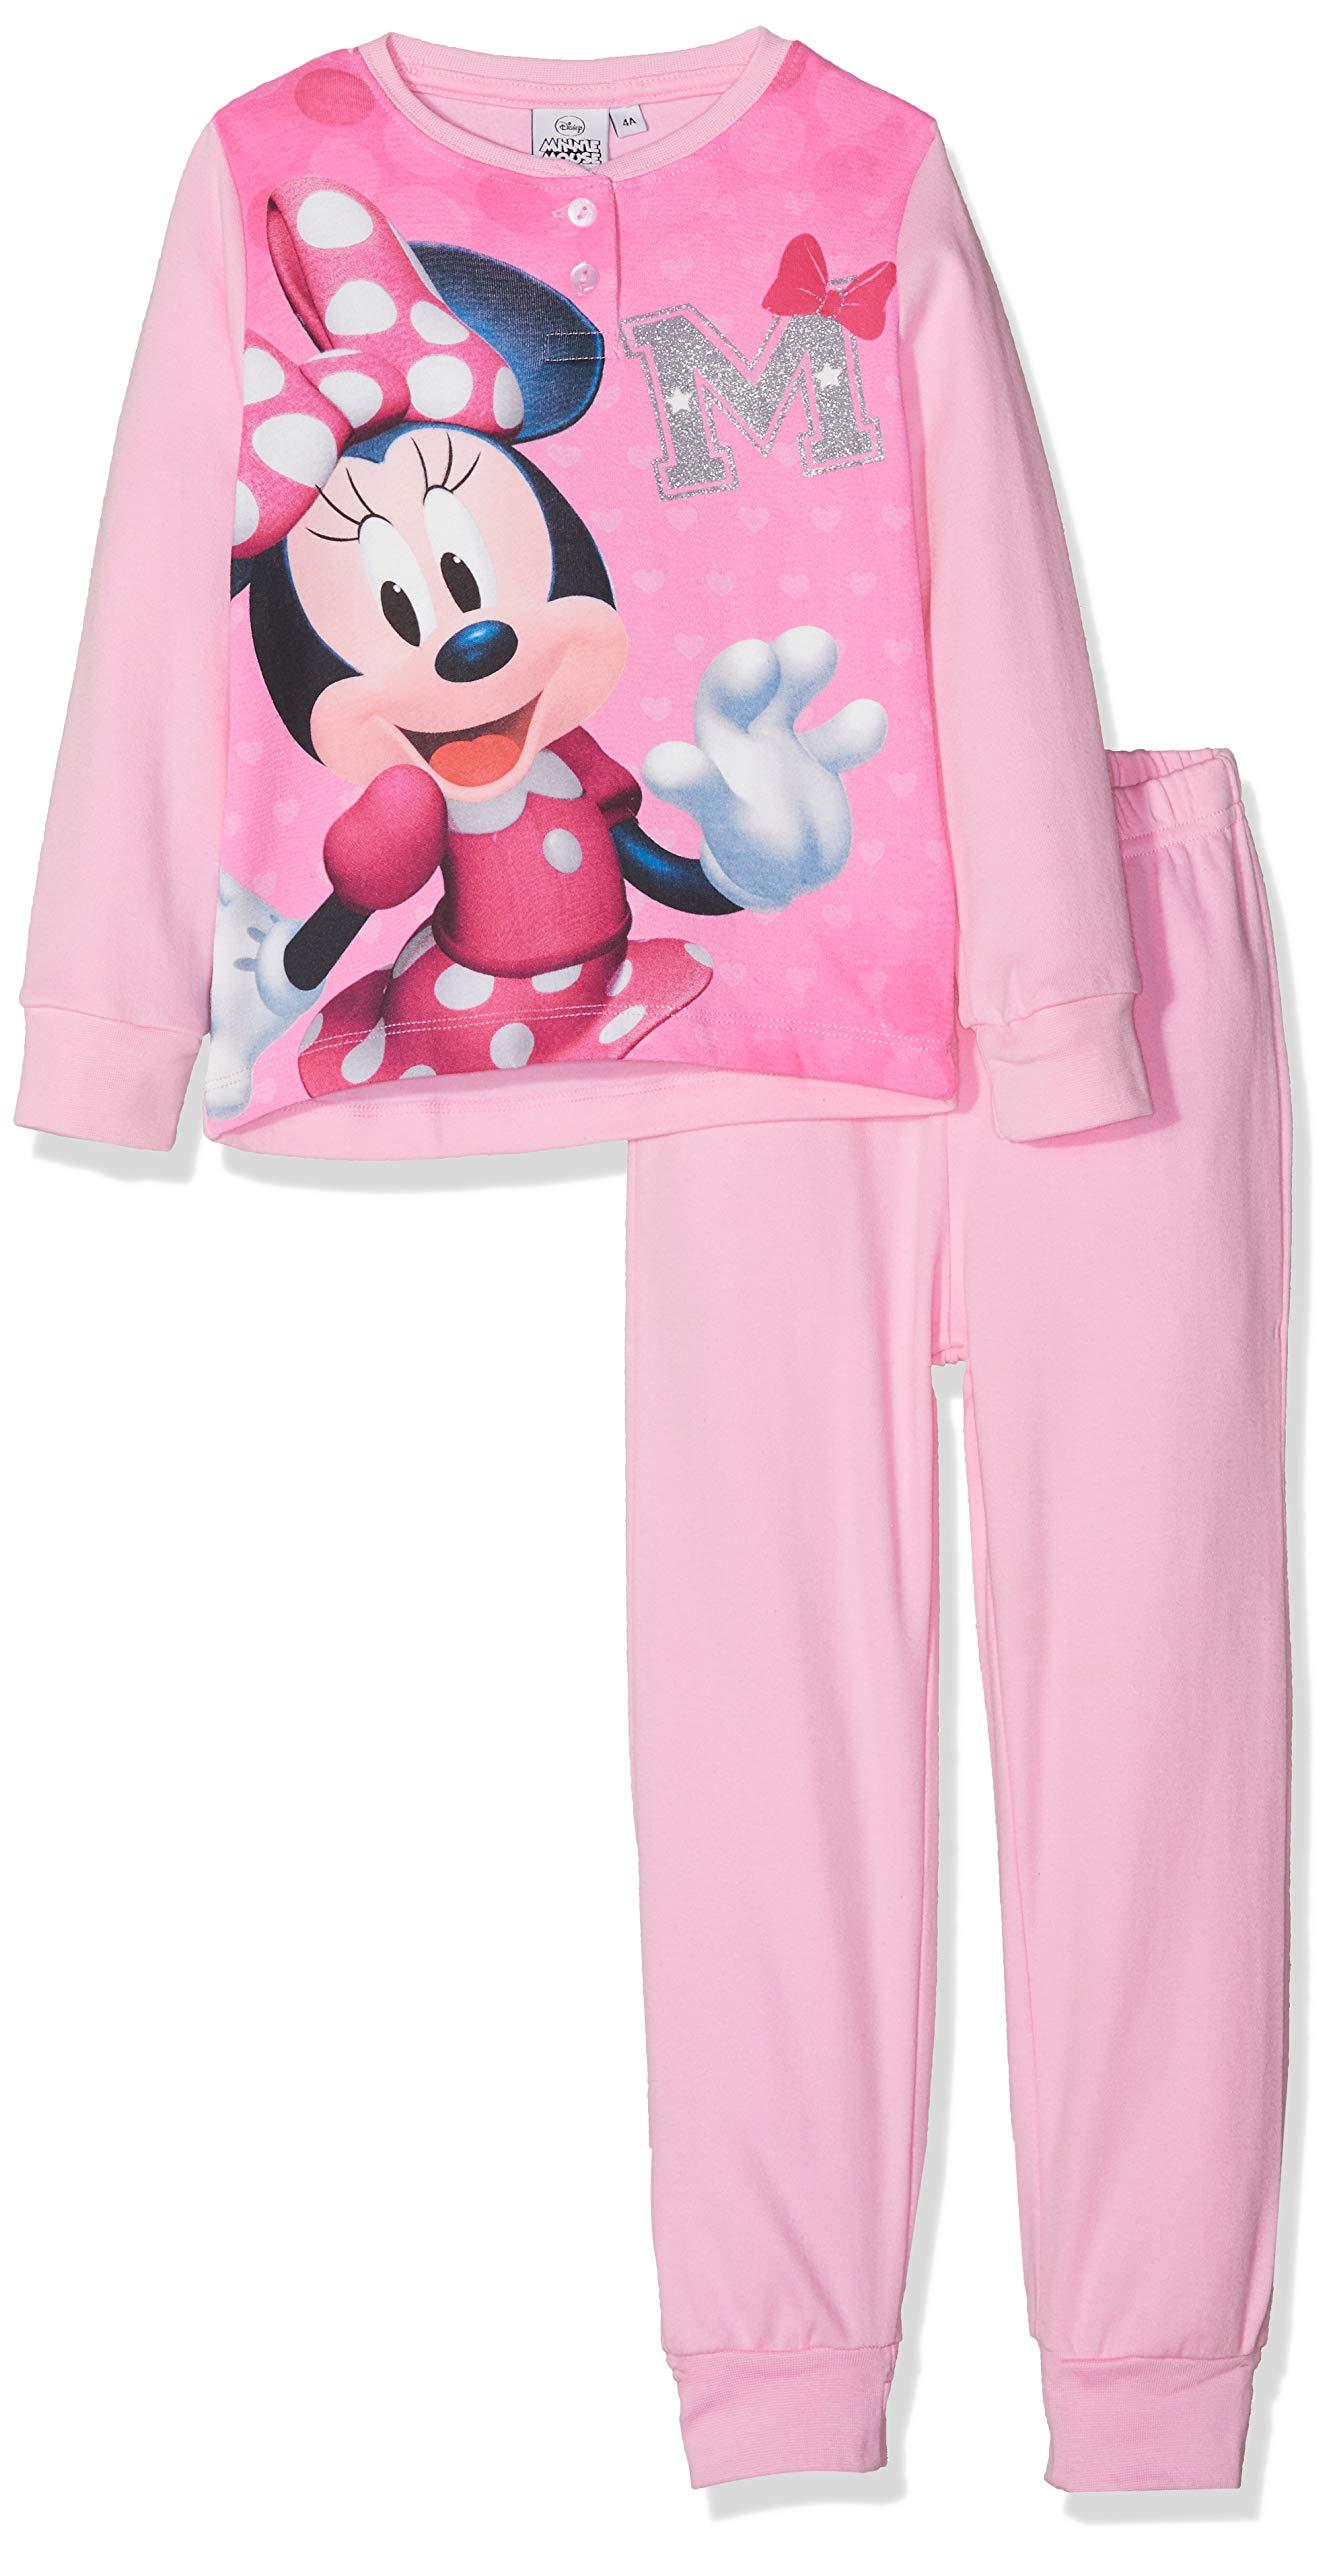 aa5dc60f8 Disney Minnie